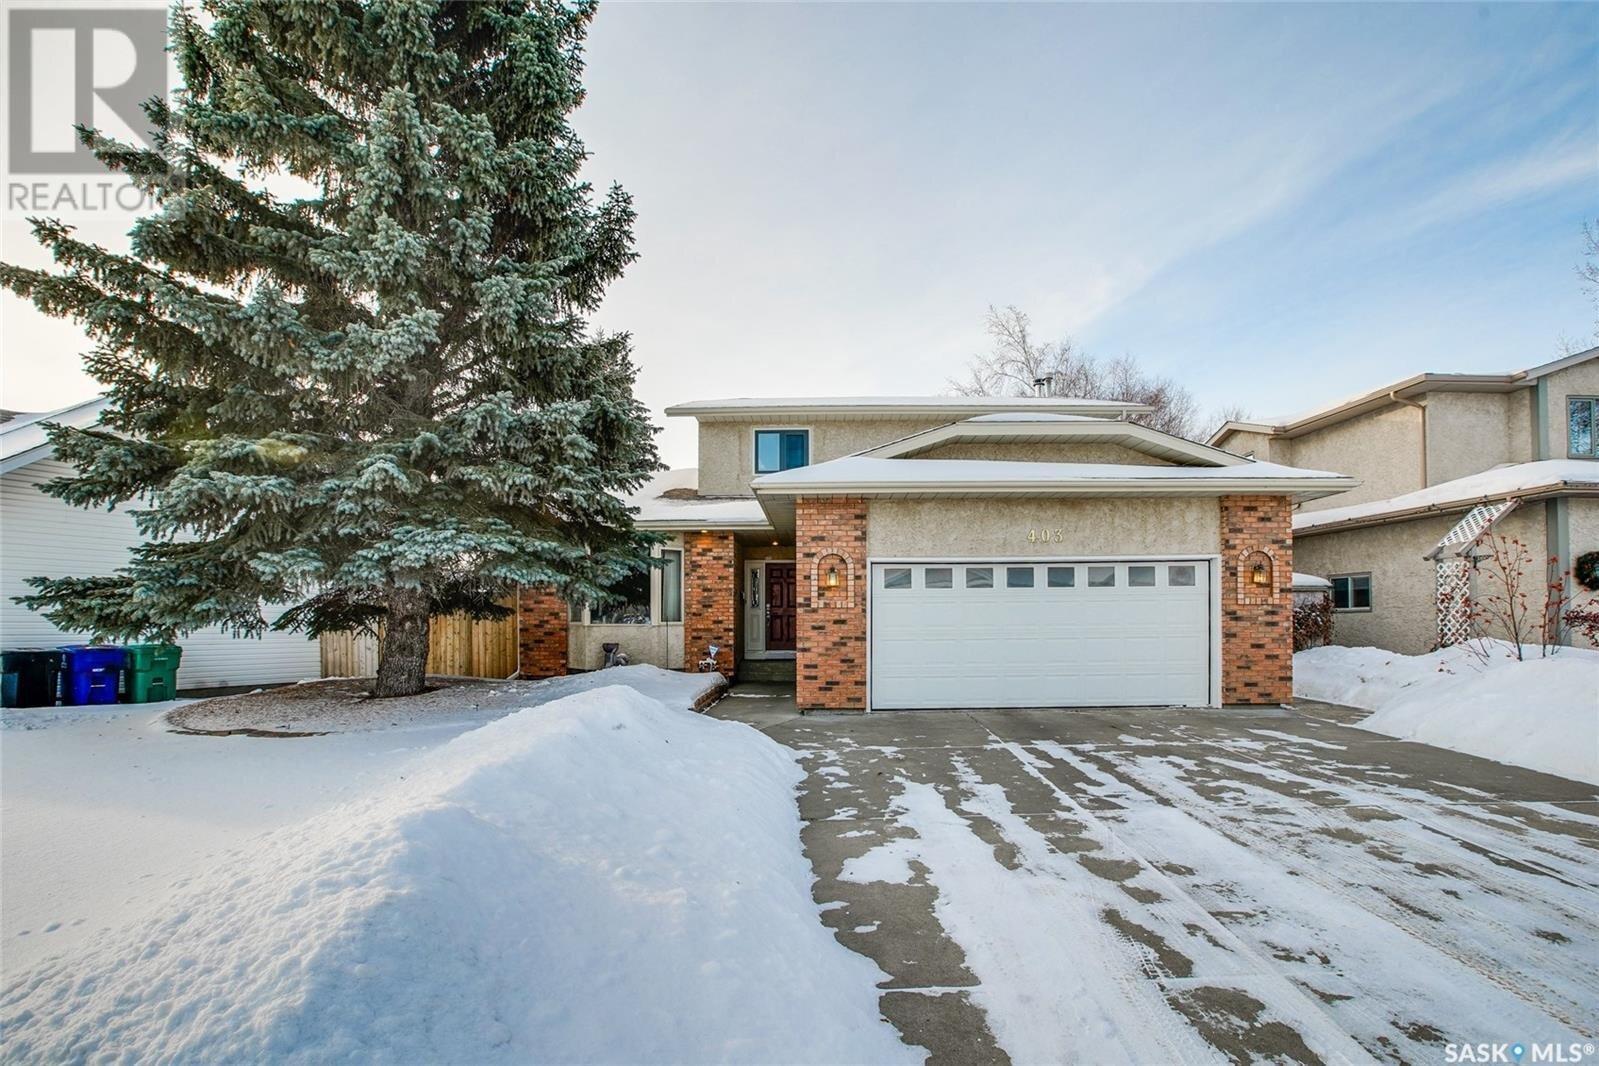 House for sale at 403 Forsyth Wy Saskatoon Saskatchewan - MLS: SK838270